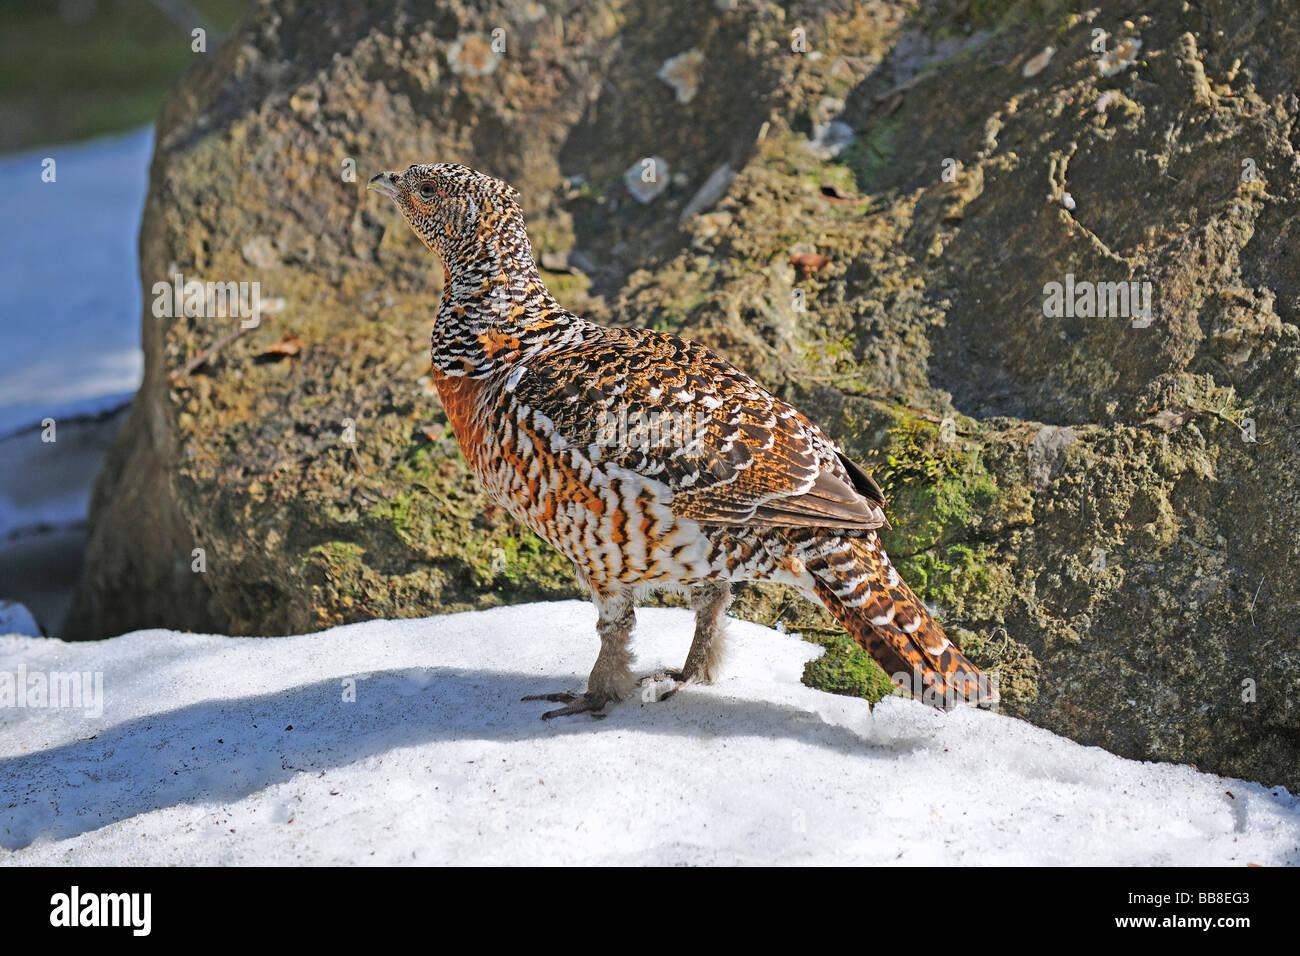 Wood Grouse (Tetrao urogallus), hen Stock Photo